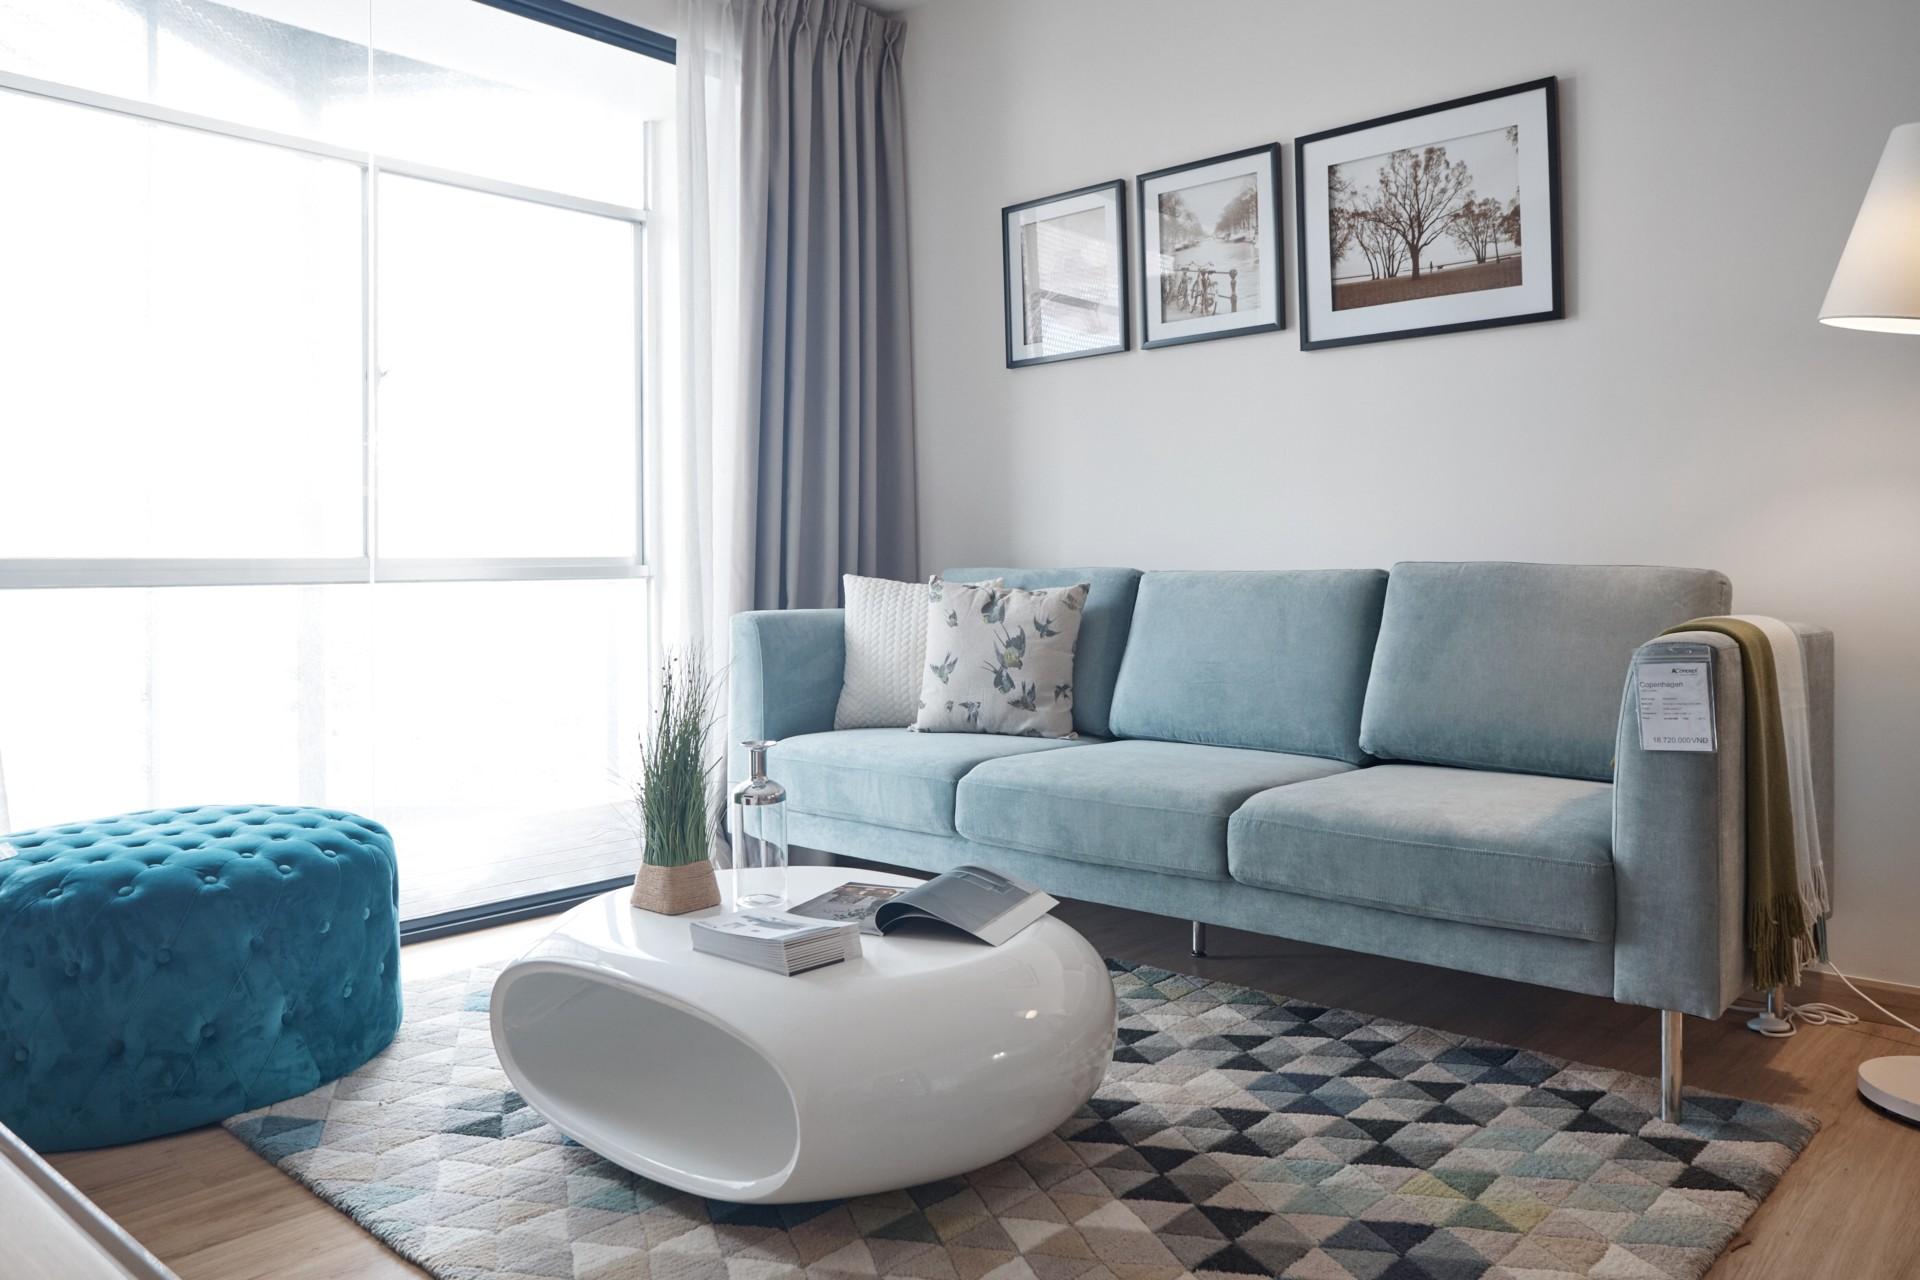 gh sofa phong ngu - Ghế thư giãn trong phòng ngủ và những điều kỳ diệu cần biết!